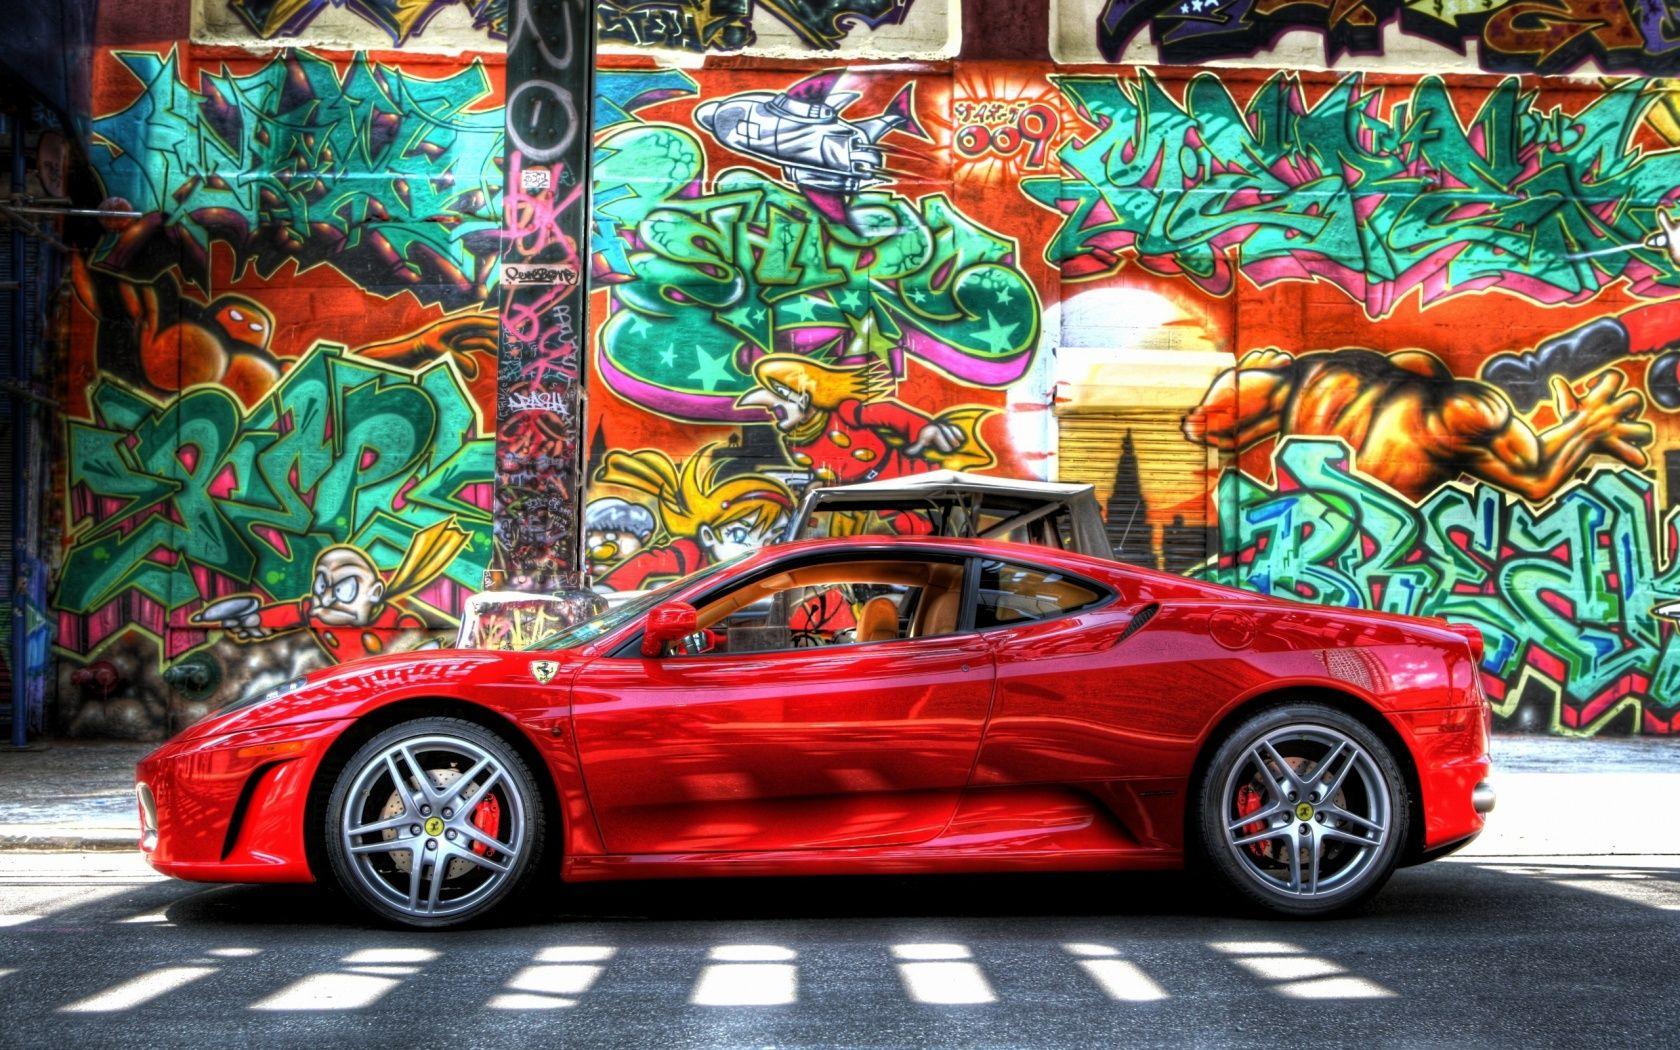 Ferrari Graffiti Photos Wallpapers Graffiti Wallpaper Graffiti Art